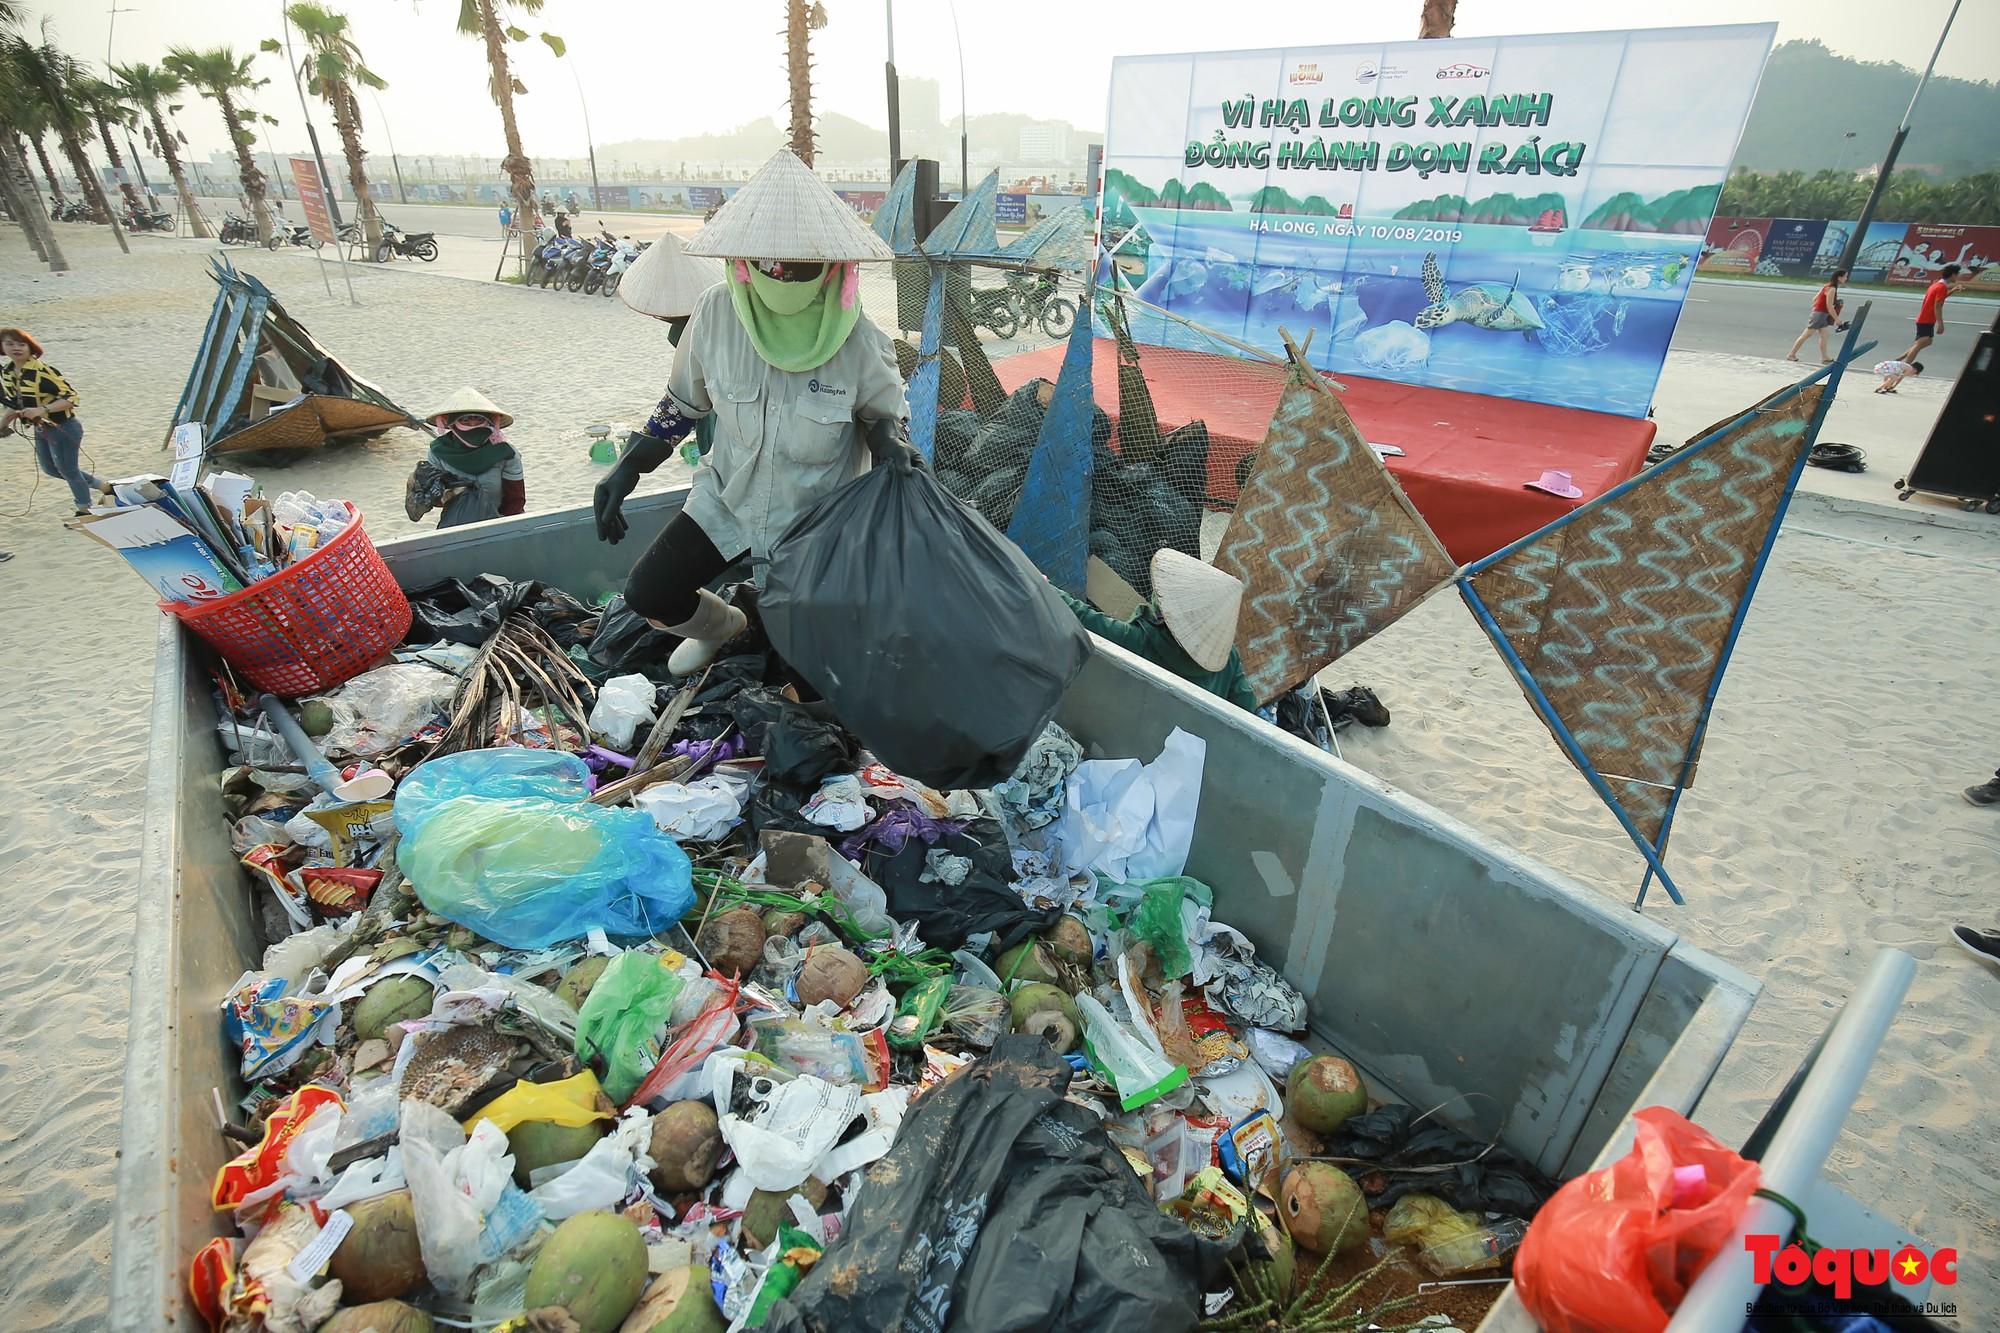 Vì Hạ Long xanh, đồng hành dọn rác (33)